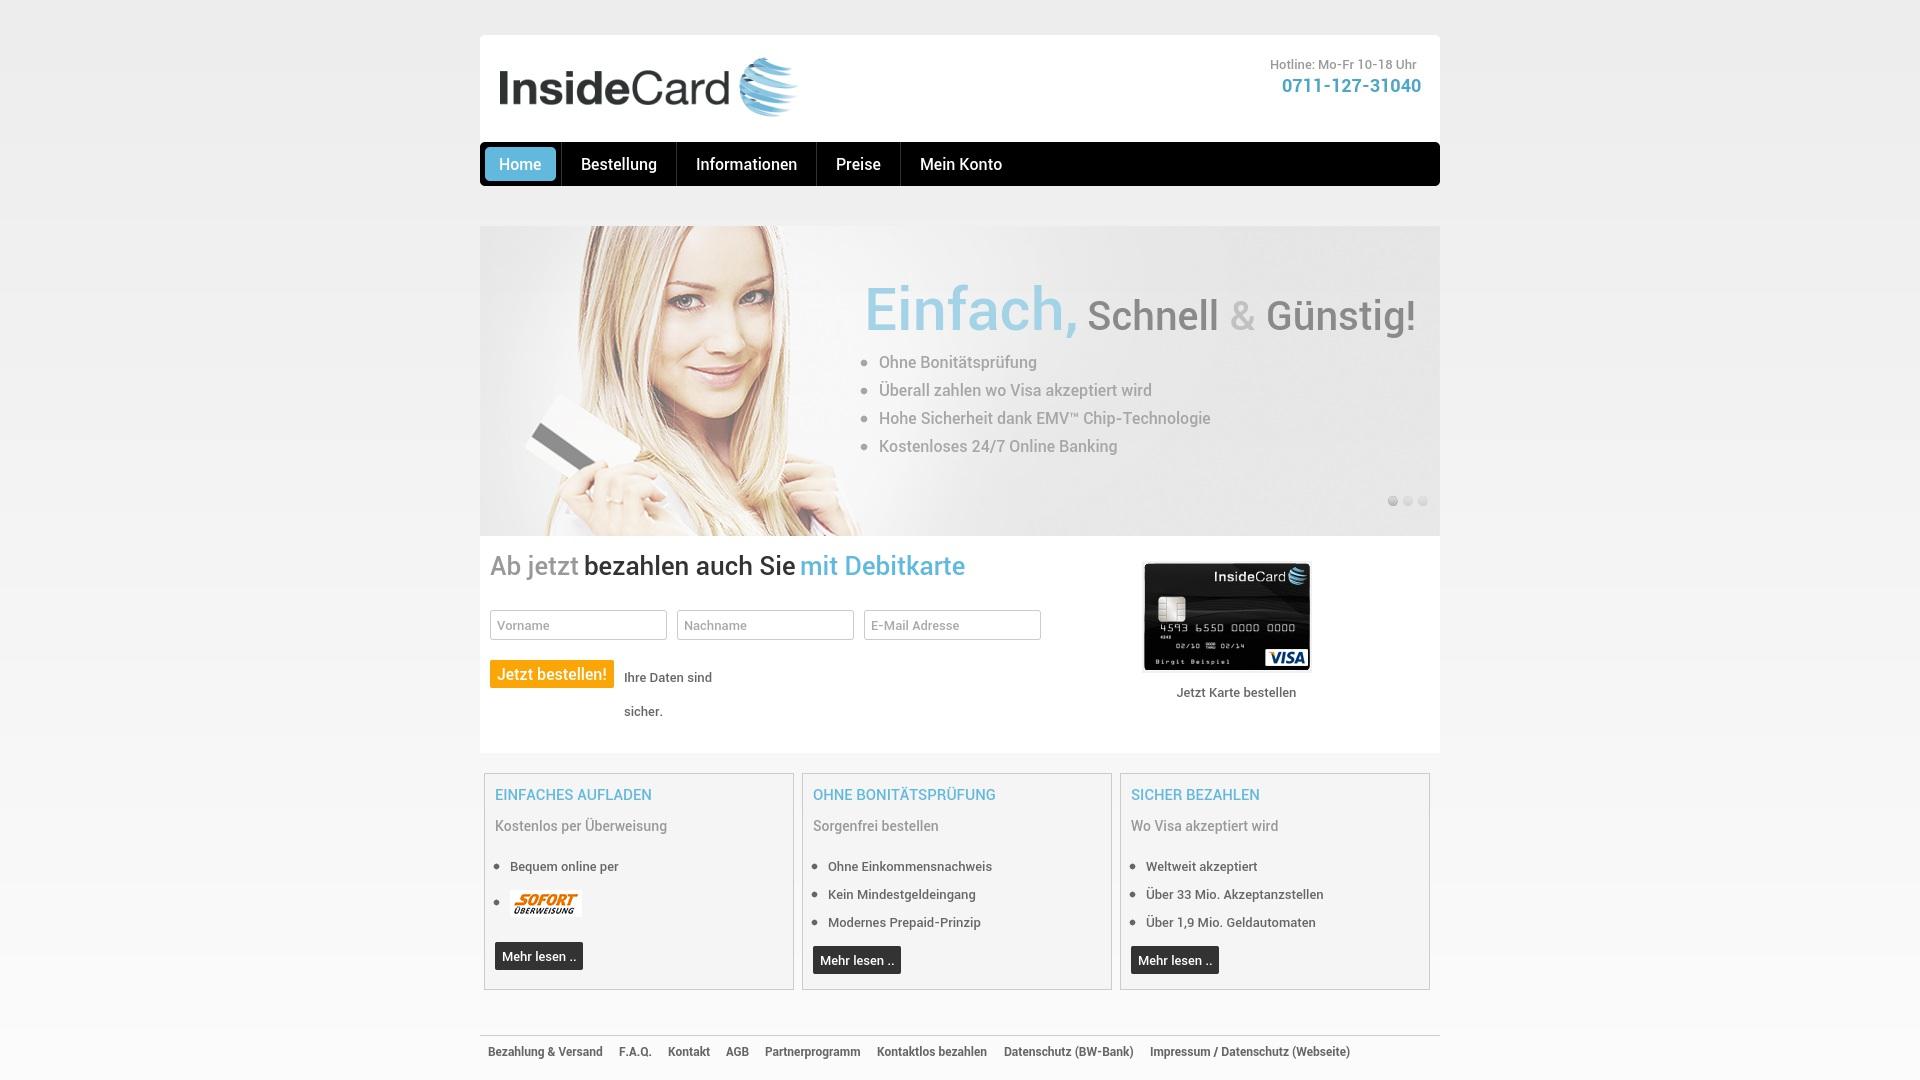 Gutschein für Insidecard: Rabatte für  Insidecard sichern